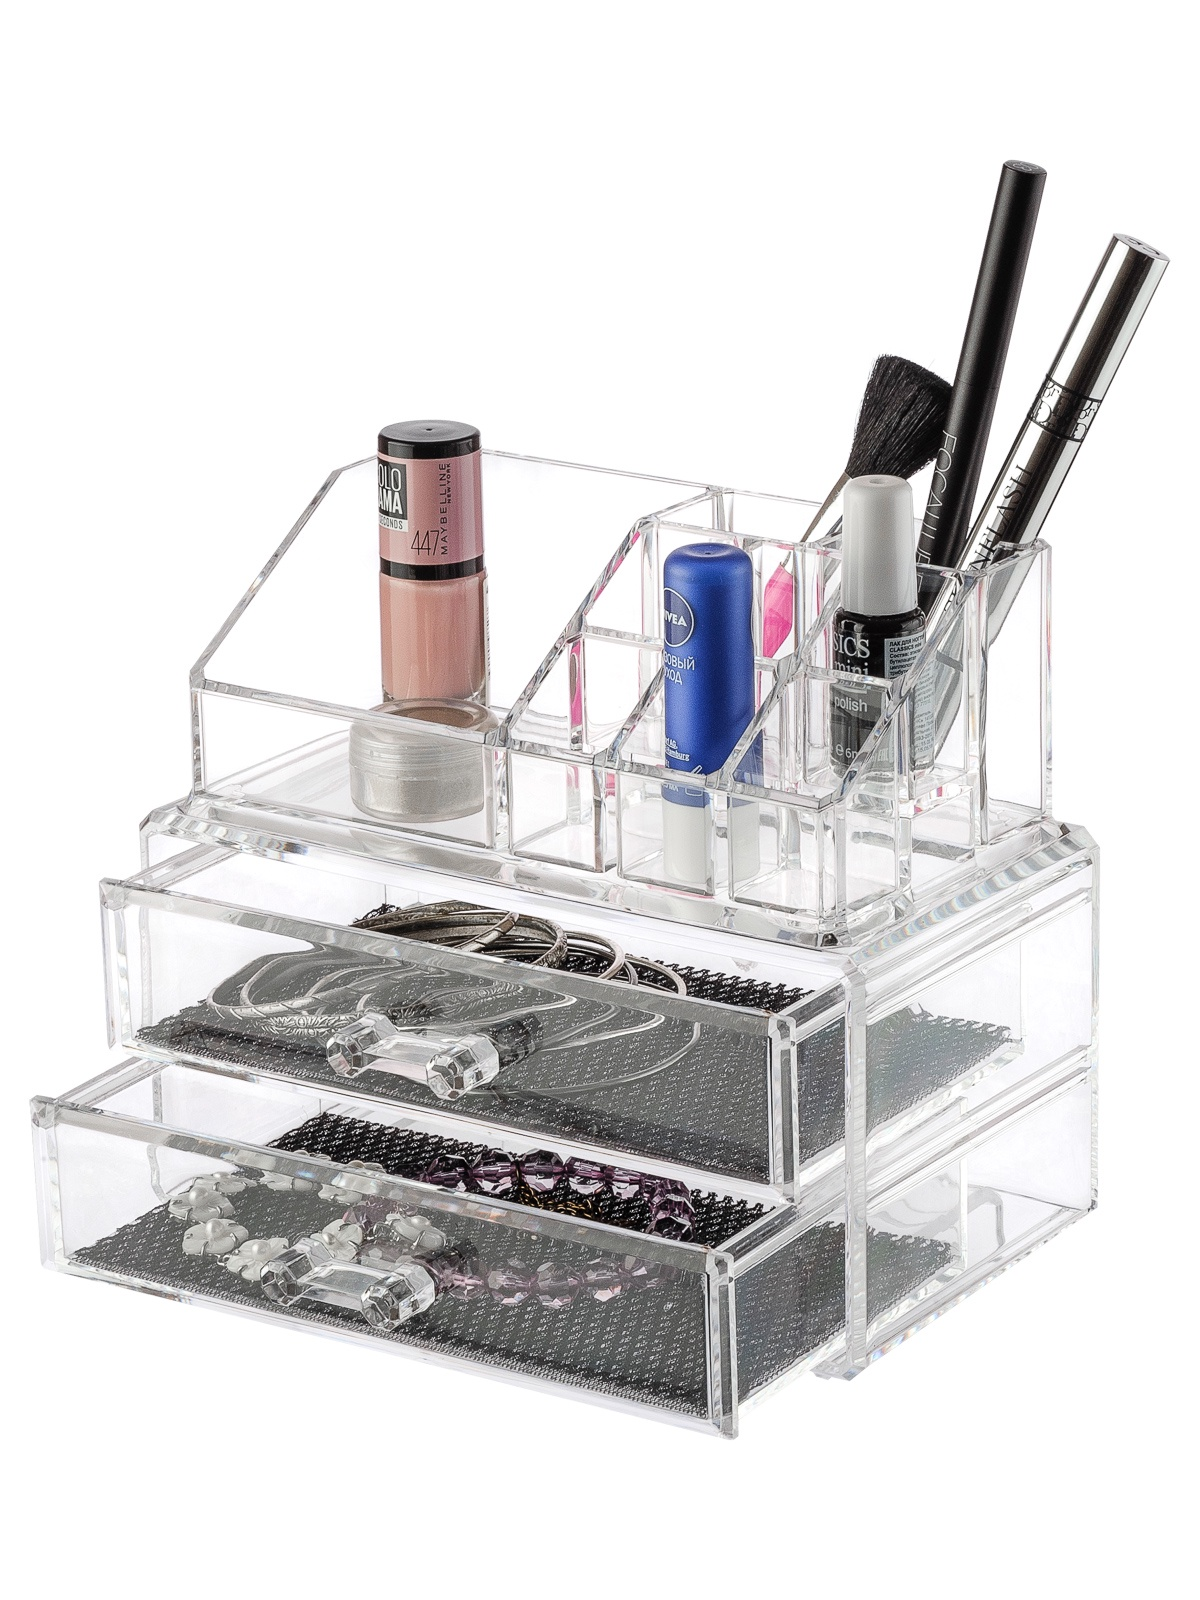 Органайзер для мелочей и косметики HomeMaster Органайзер для мелочей и косметики 3, SO026092, прозрачный чемодан для косметики 3 полки h10510